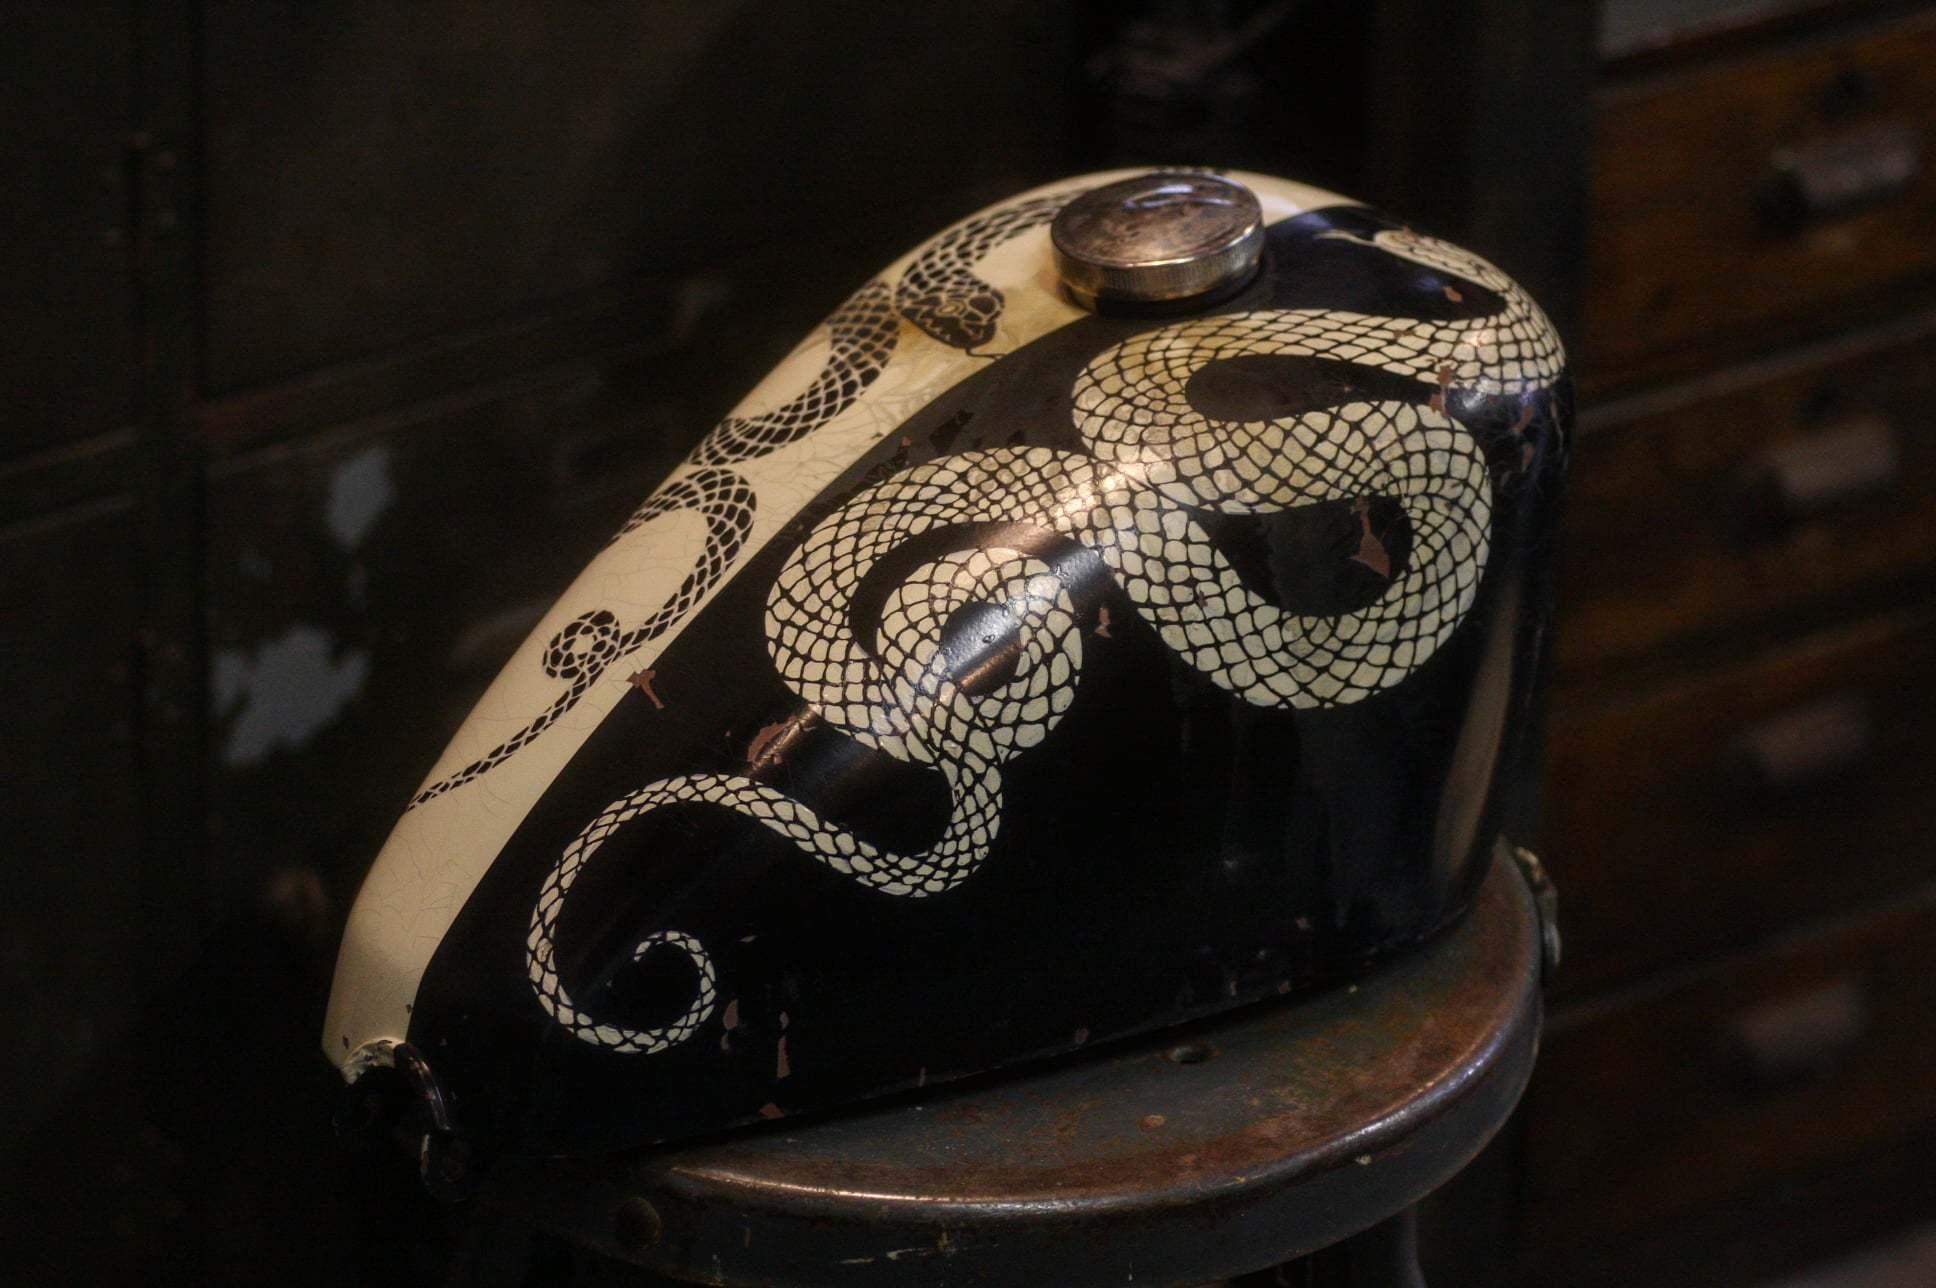 snakes pant early sportstar tank_e0364387_20524427.jpg